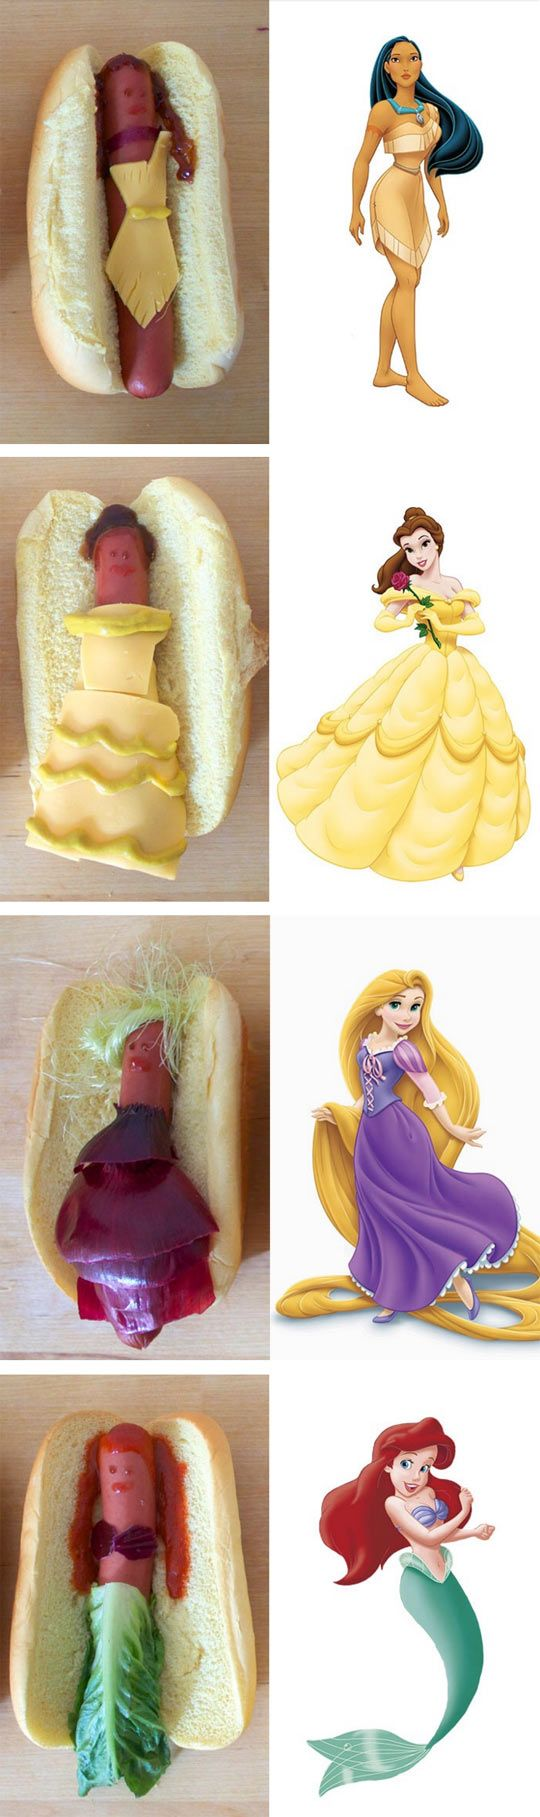 Disney Princesses As Hot Dogs